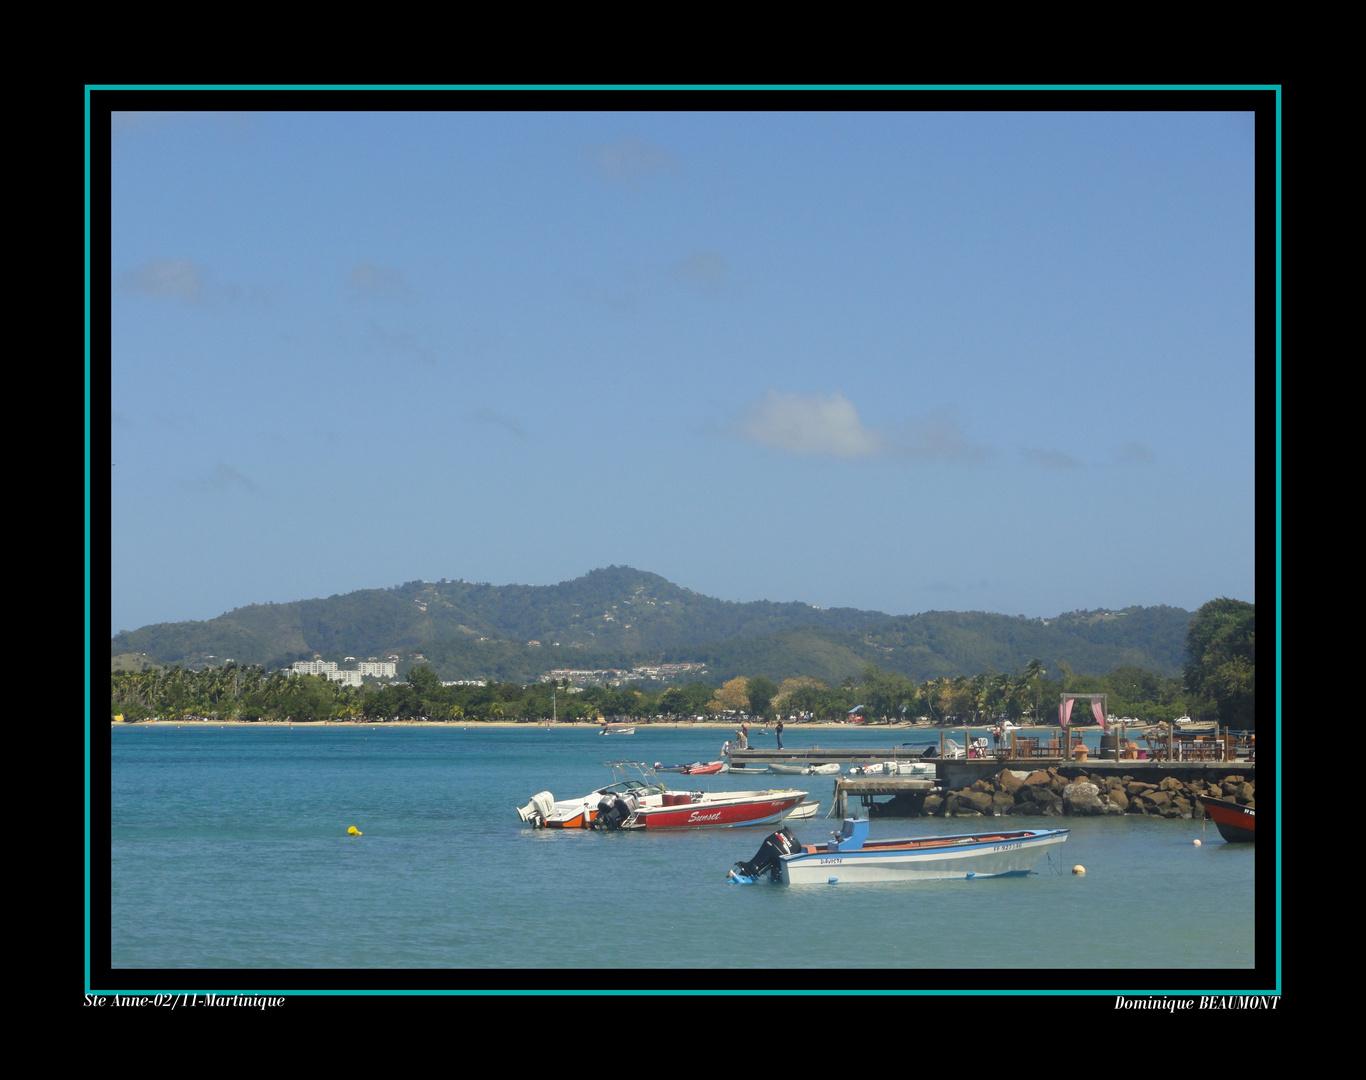 à Ste Anne-Février 2011-Martinique